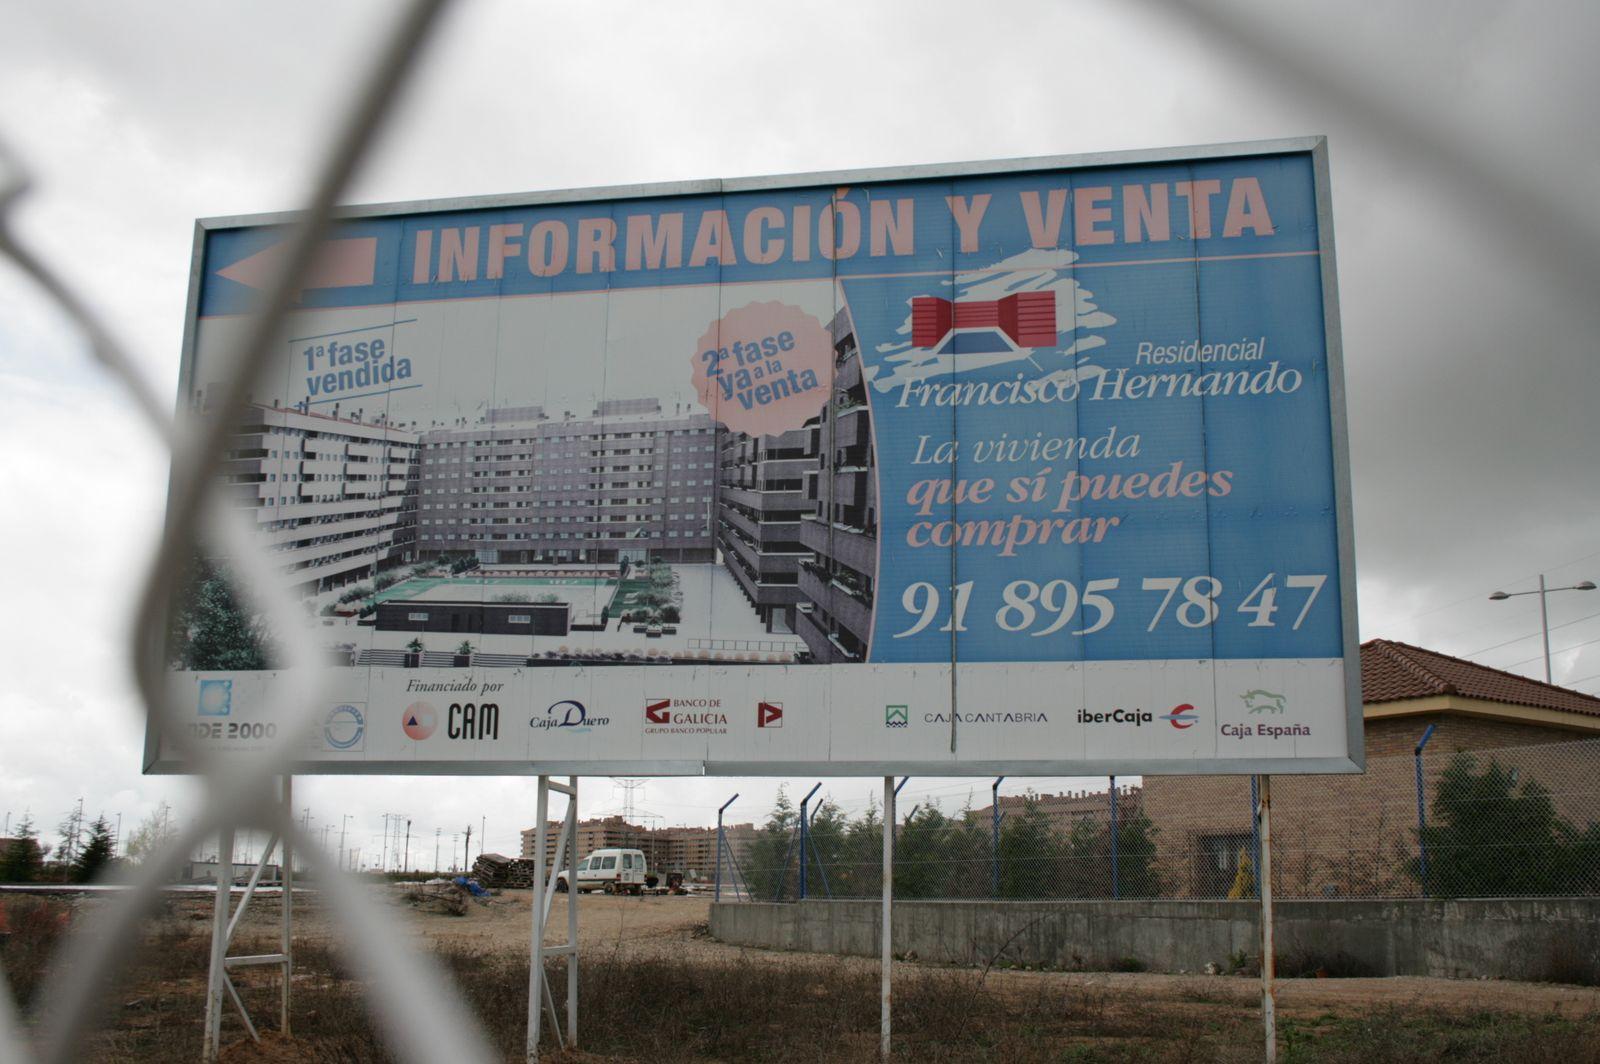 Spanien / Bau-Misere / Immobilien